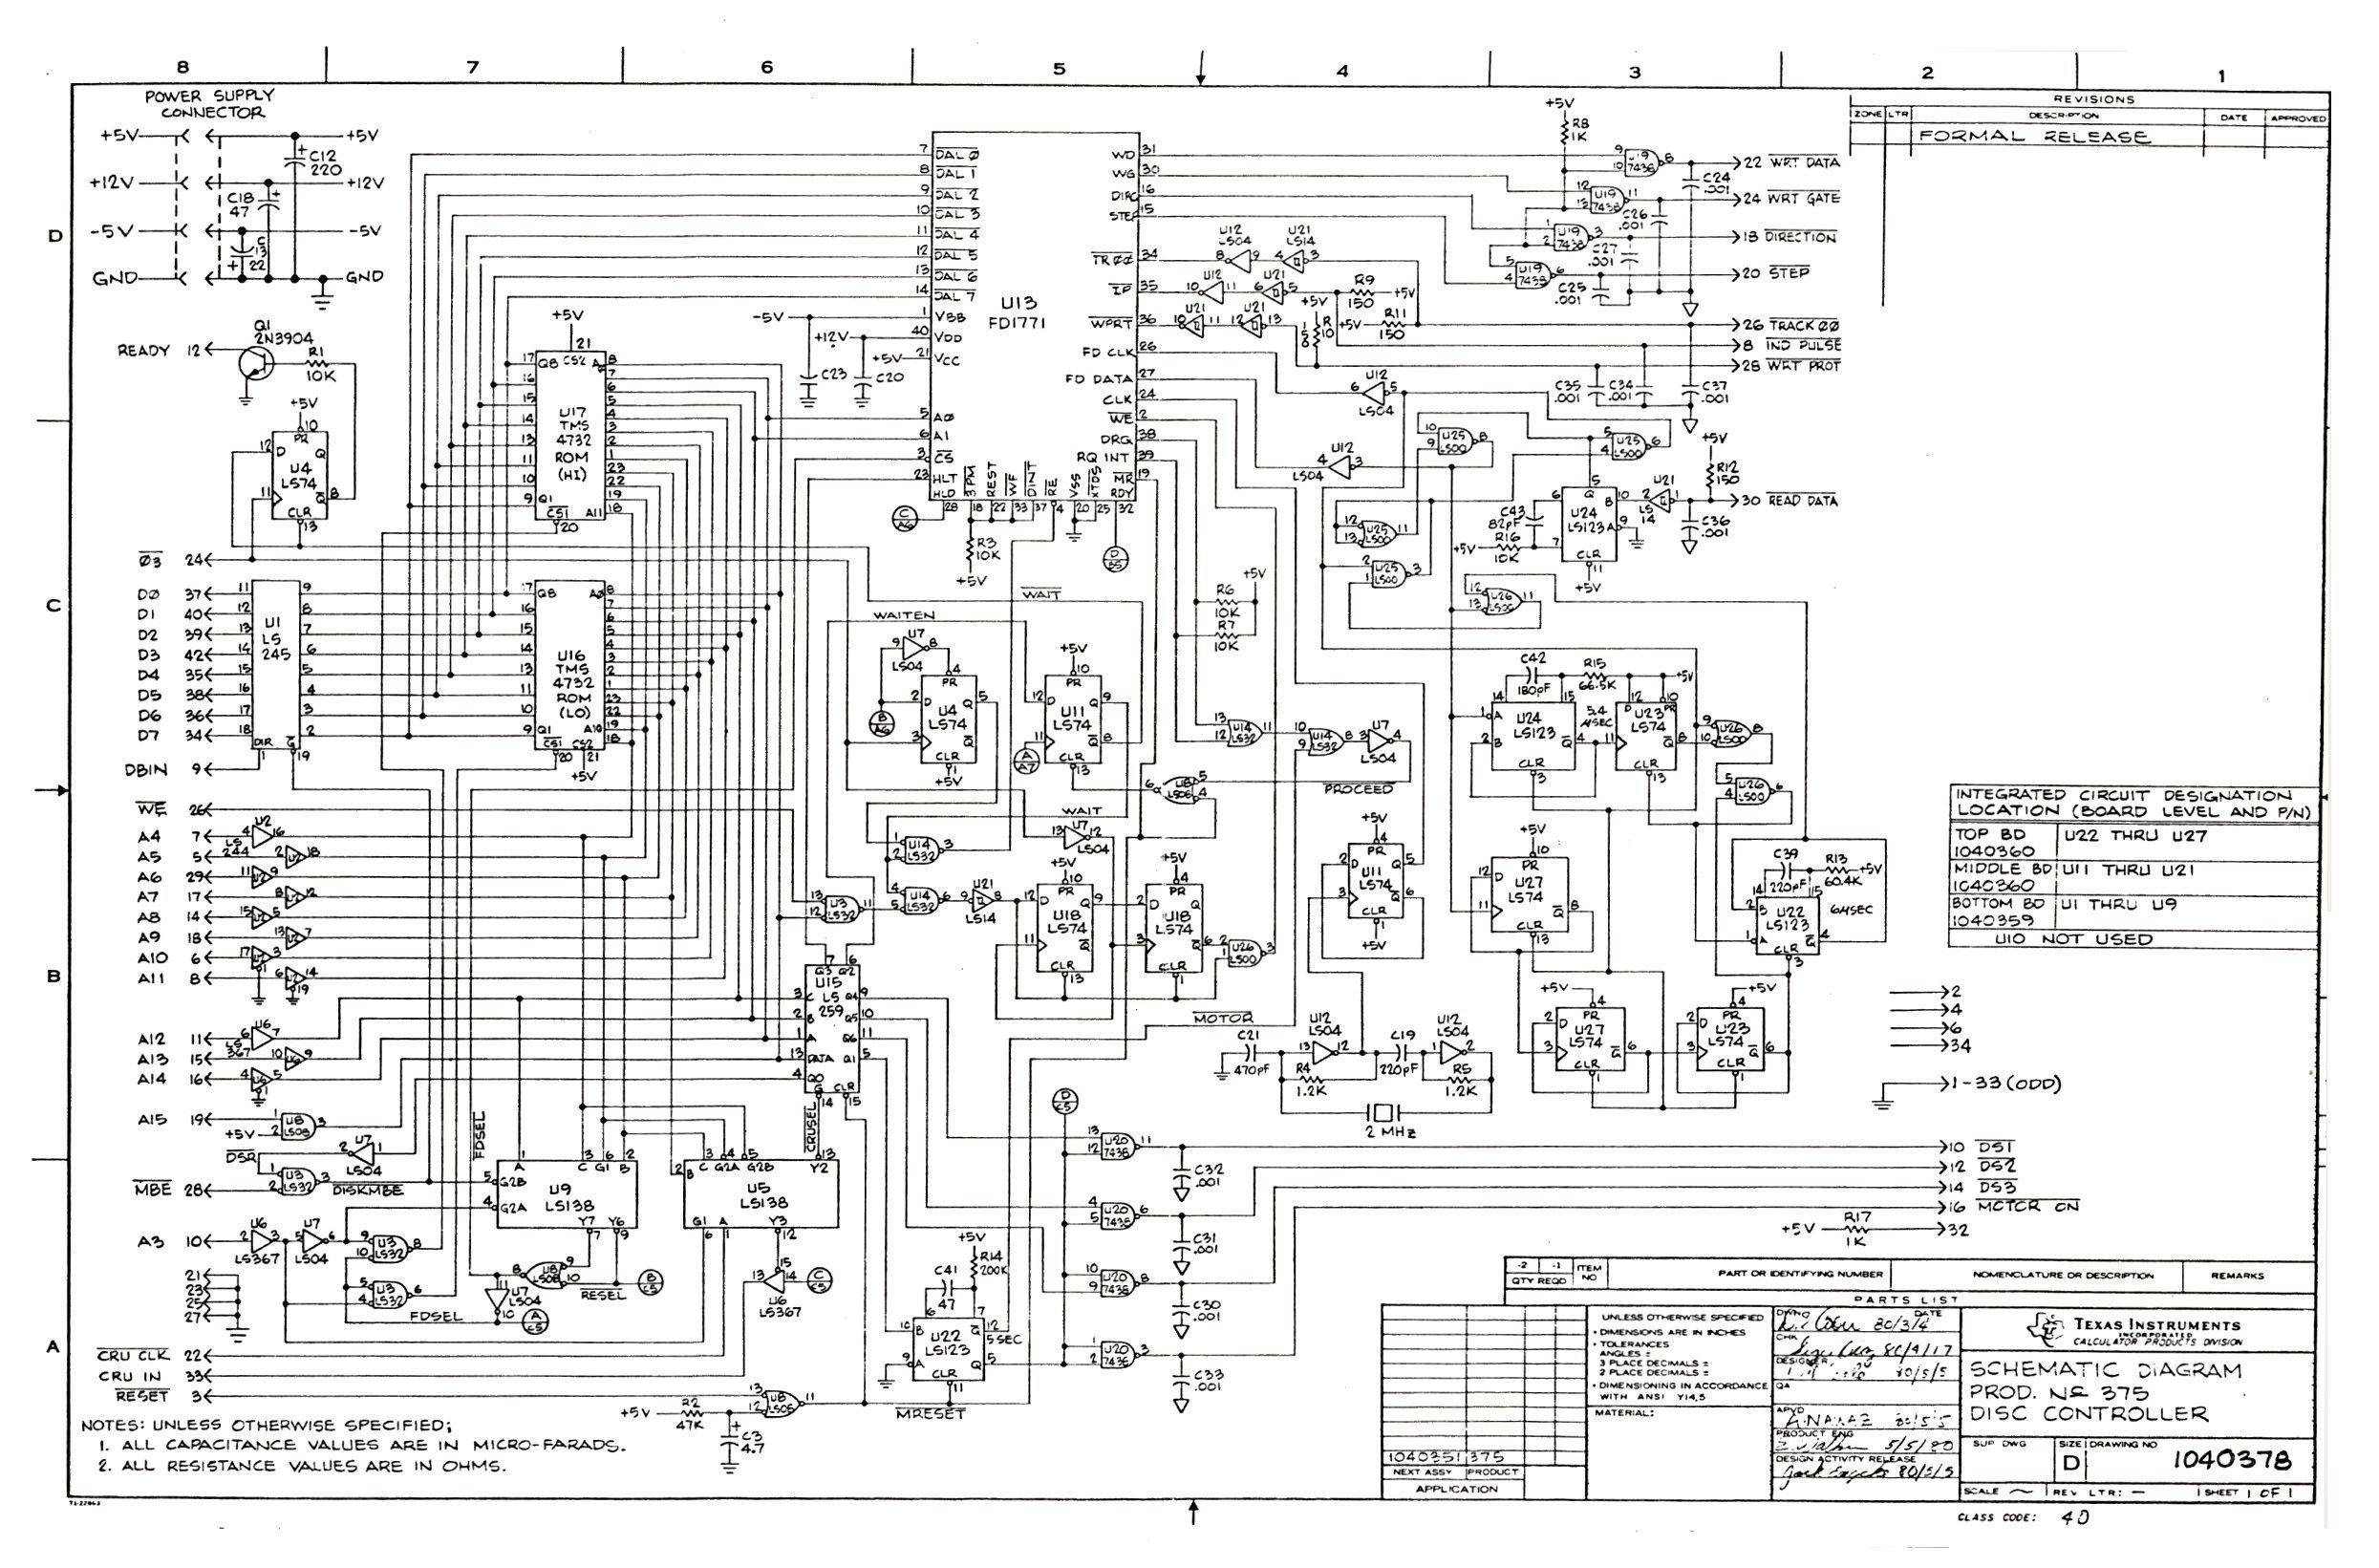 Curtis 1204 Controller Wiring Diagram | Wiring Library - Curtis Controller Wiring Diagram